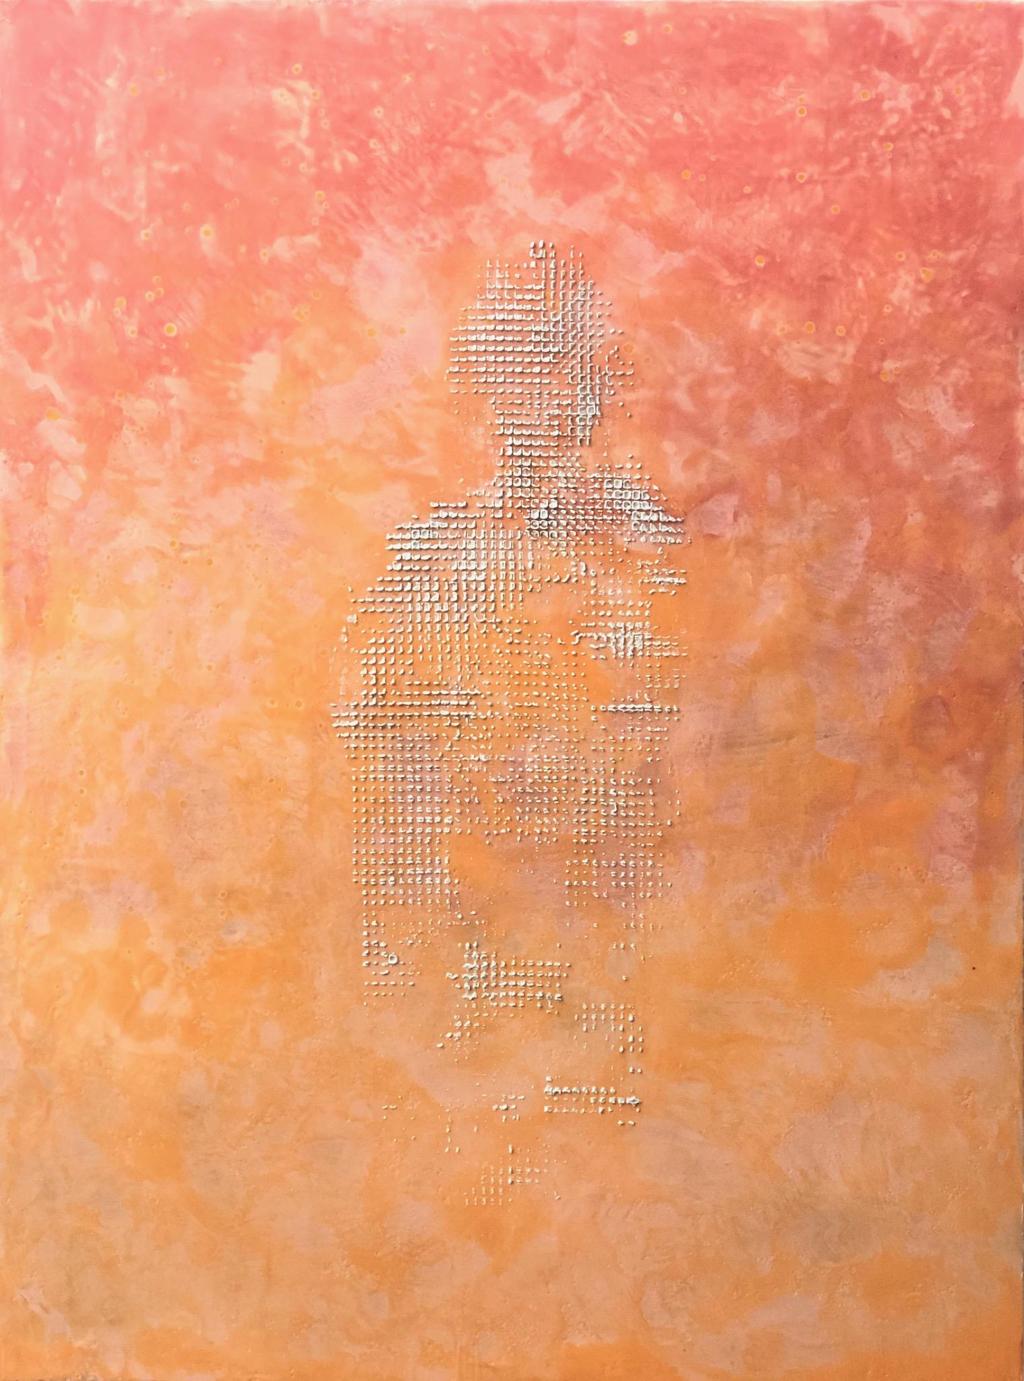 Ghost Image by Linda Frueh